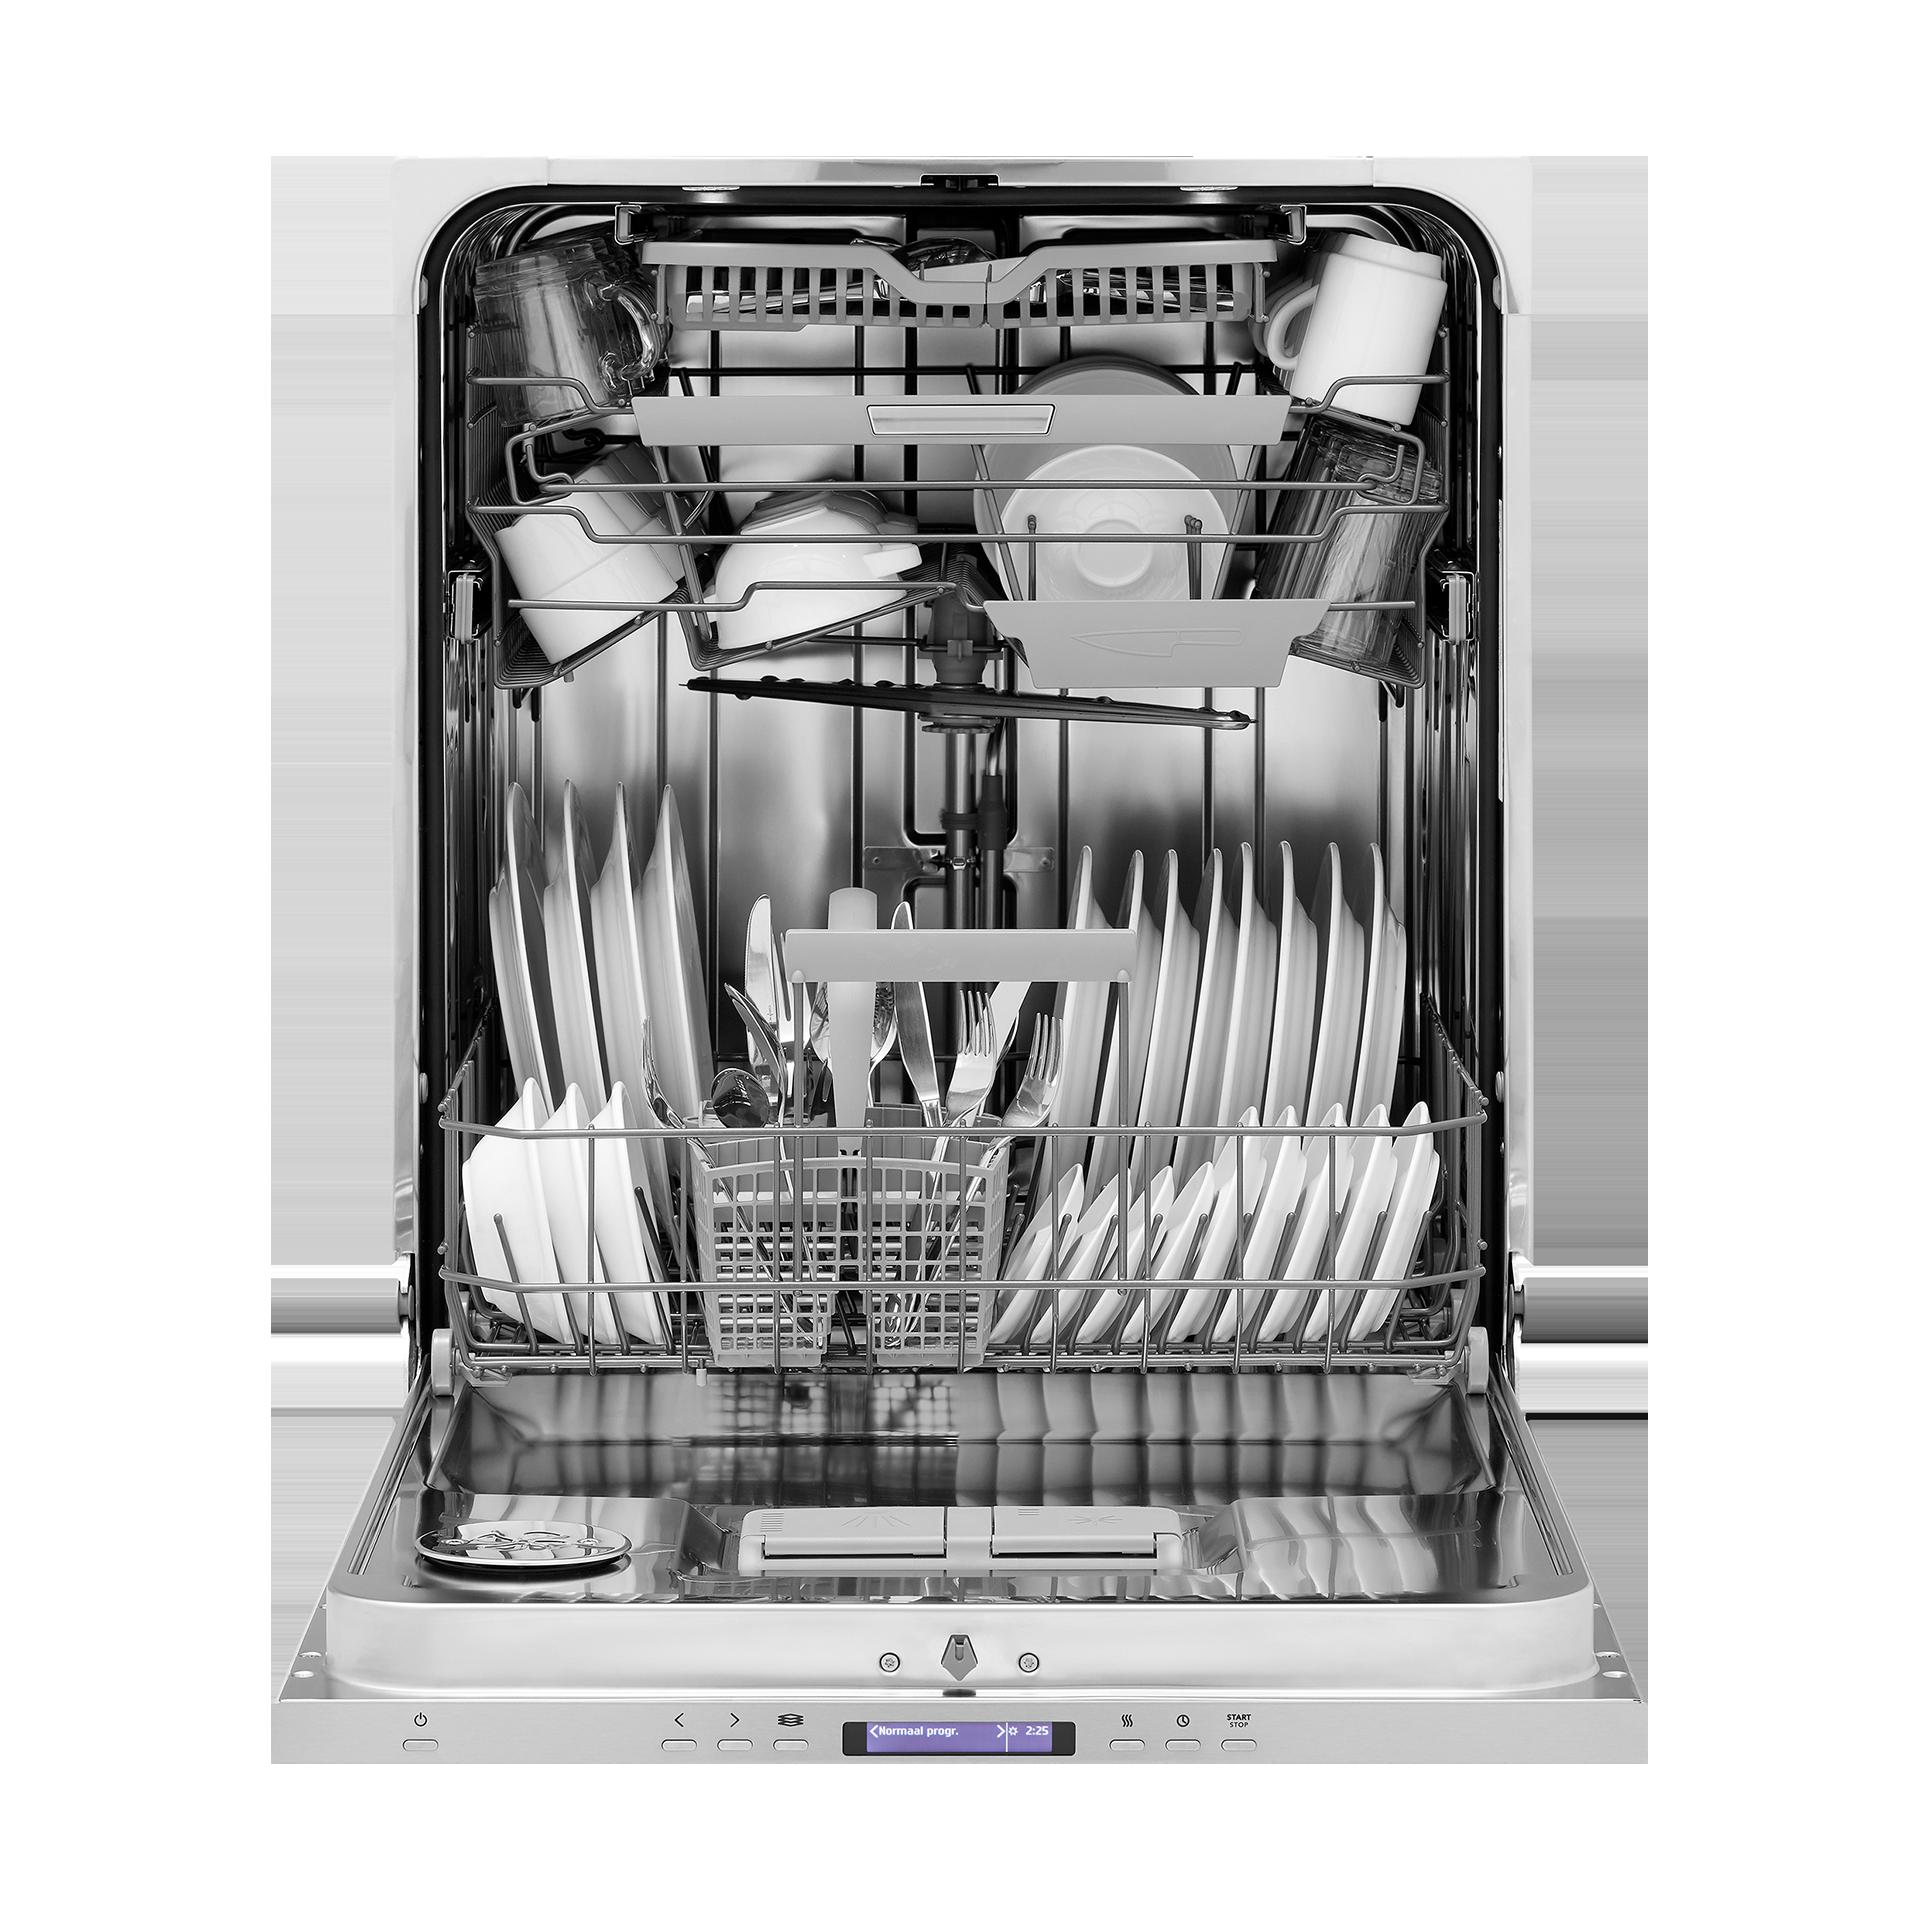 Lave-vaisselle XL, 86 cm de haut, tiroir à couverts supplémentaire